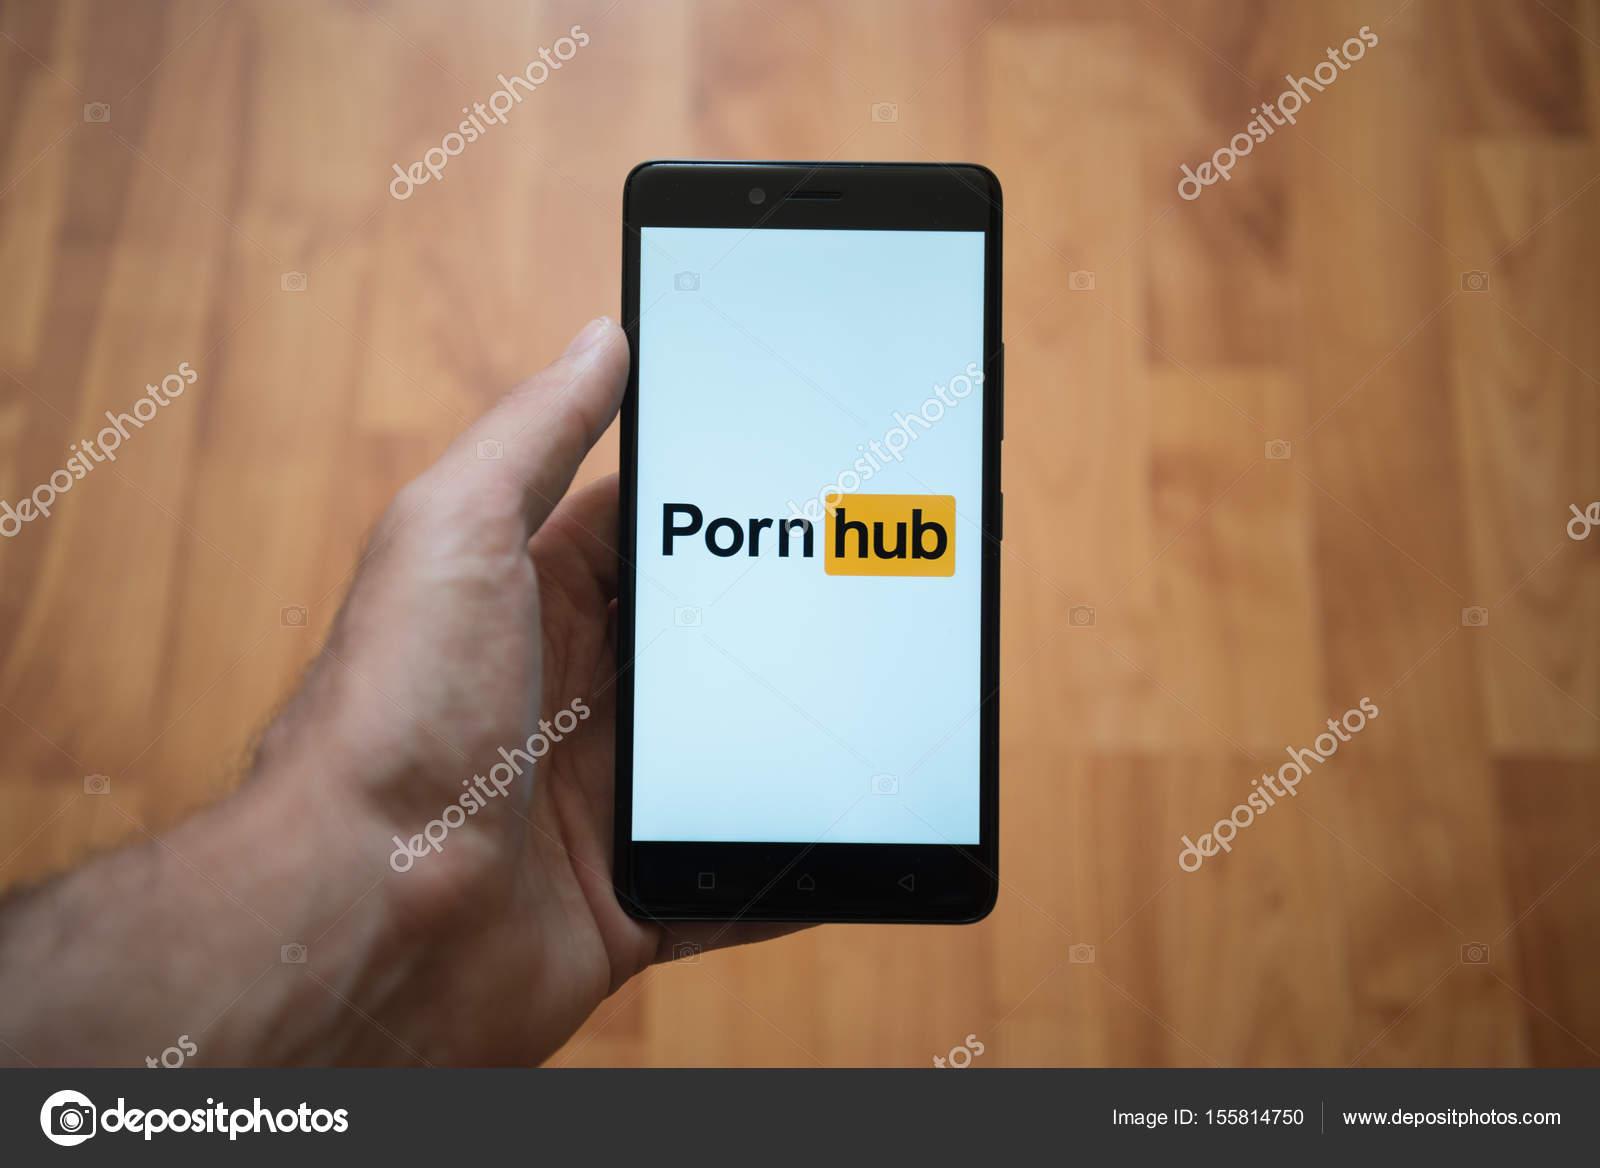 vapaa porno vittu videoita